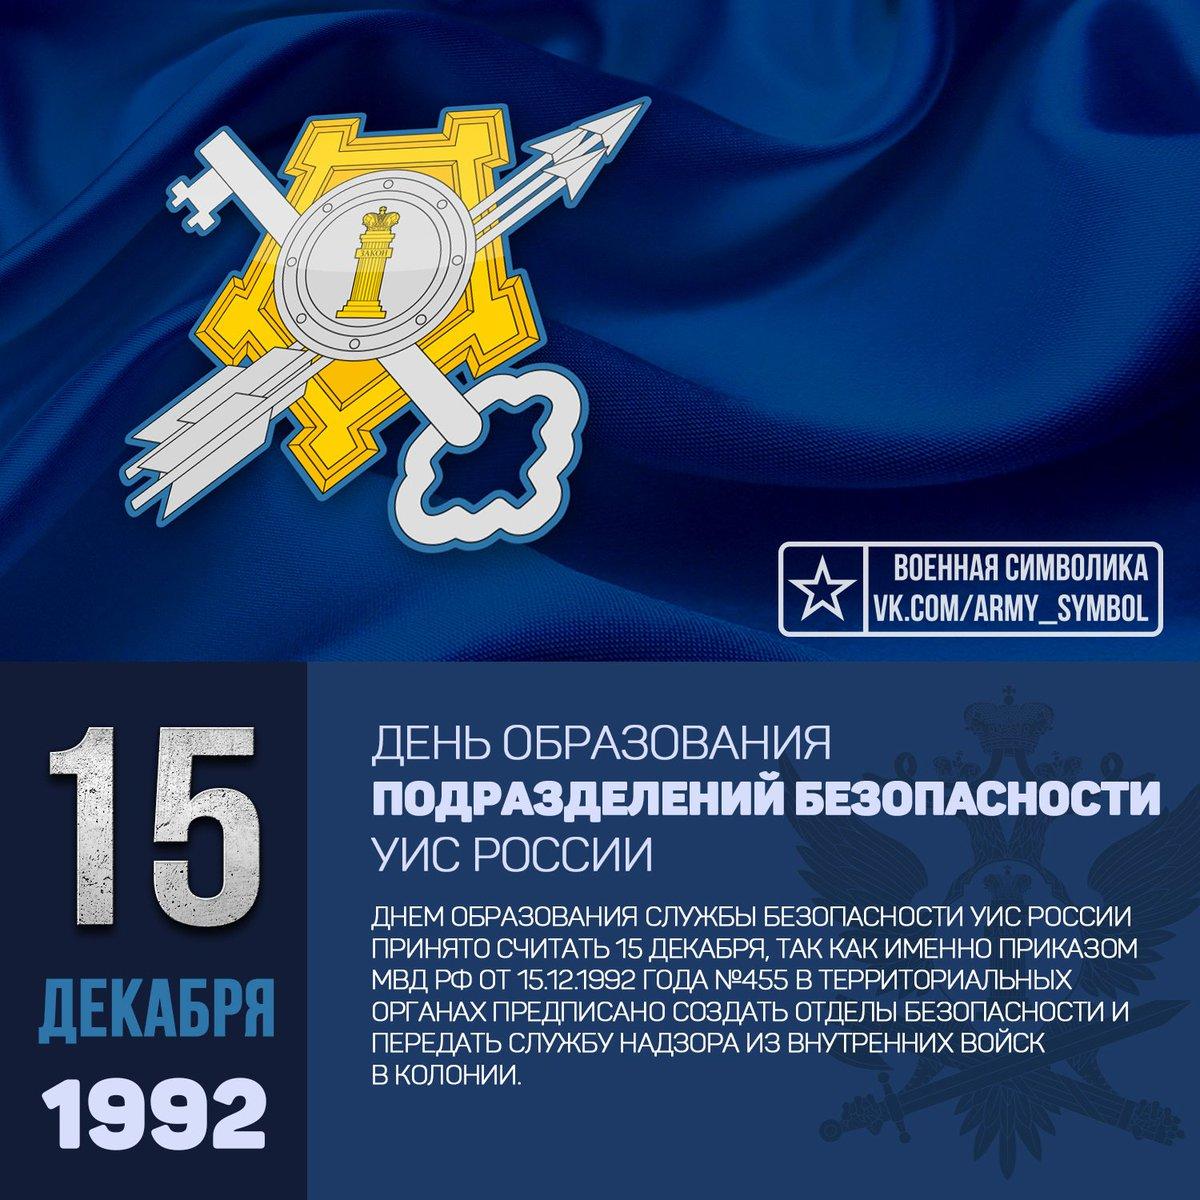 Поздравления с днем отдела безопасности фсин россии прикольные